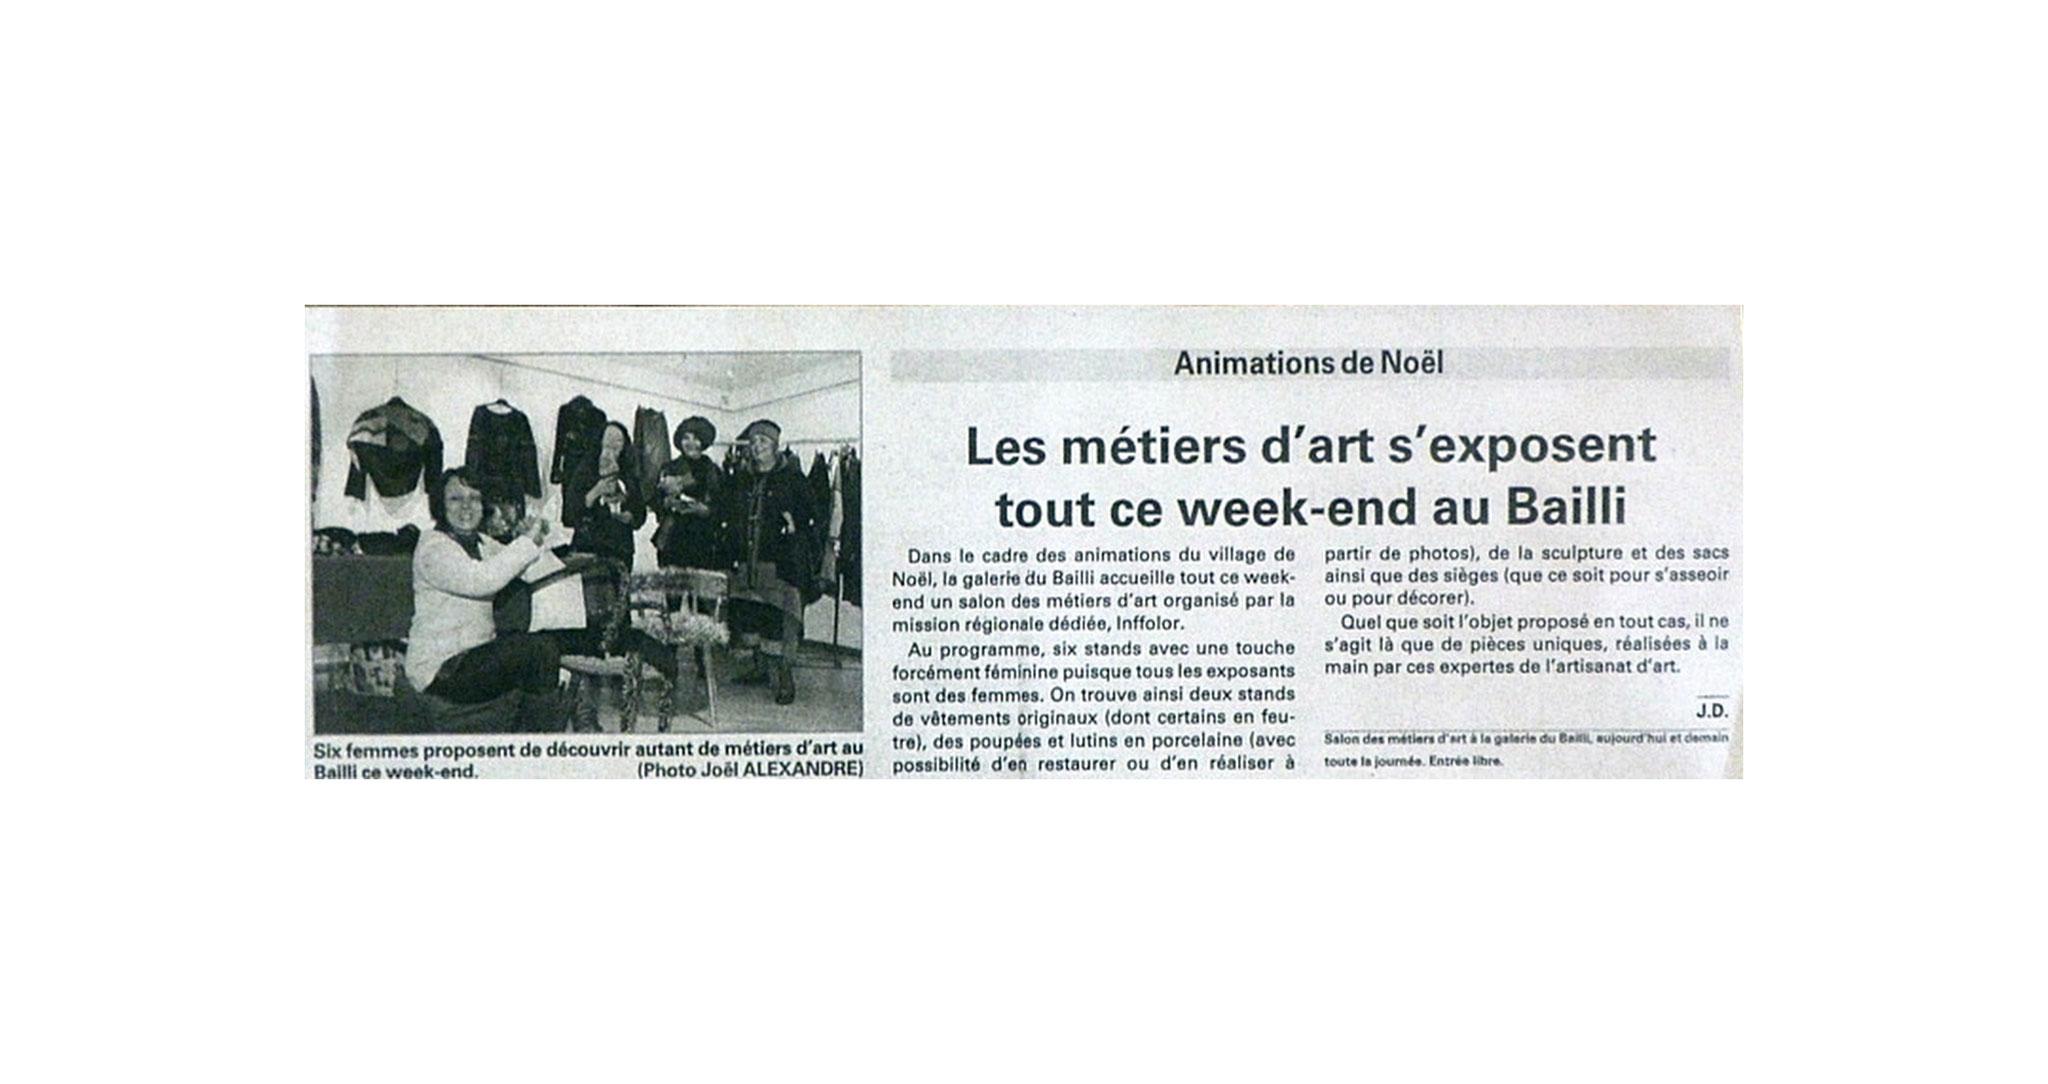 """L'EST REPUBLICAIN """"SALON DES METIERS D'ART AU BAILLI DU 16 AU 18 DECEMBRE 2011"""""""